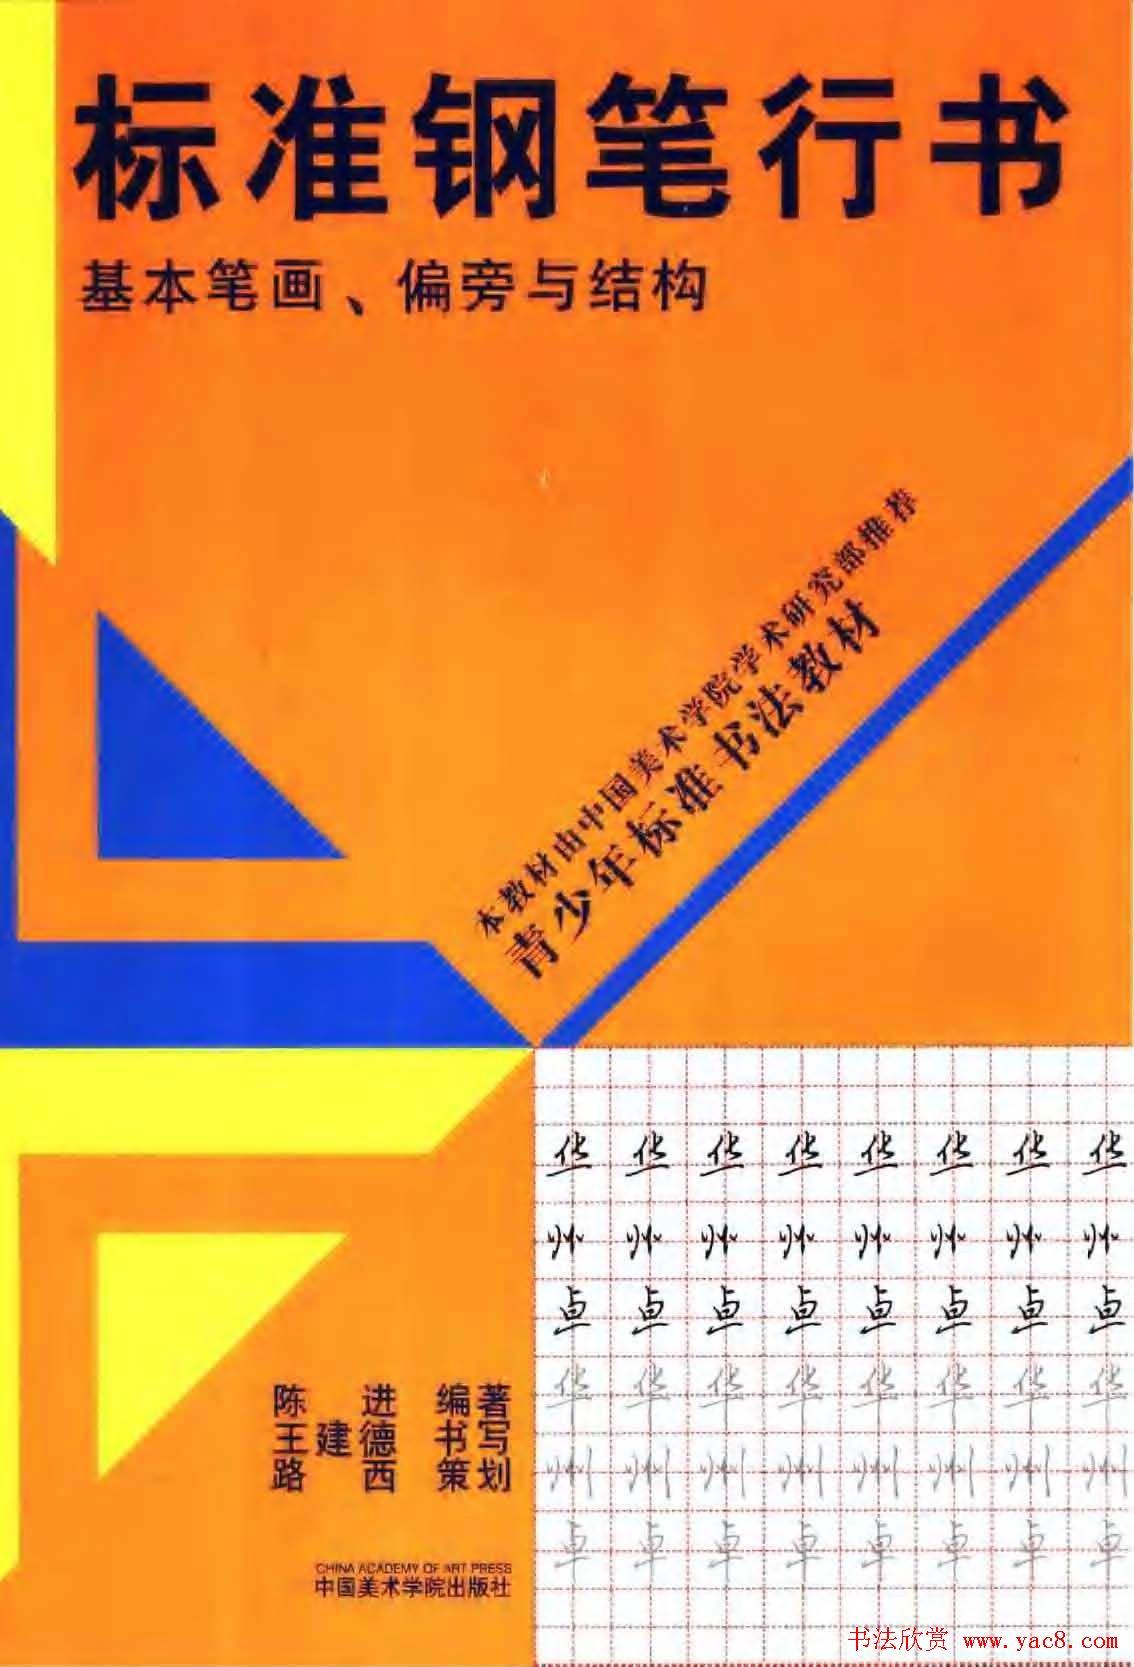 青少年标准书法教材:标准钢笔行书基本笔画、偏旁与结构,中